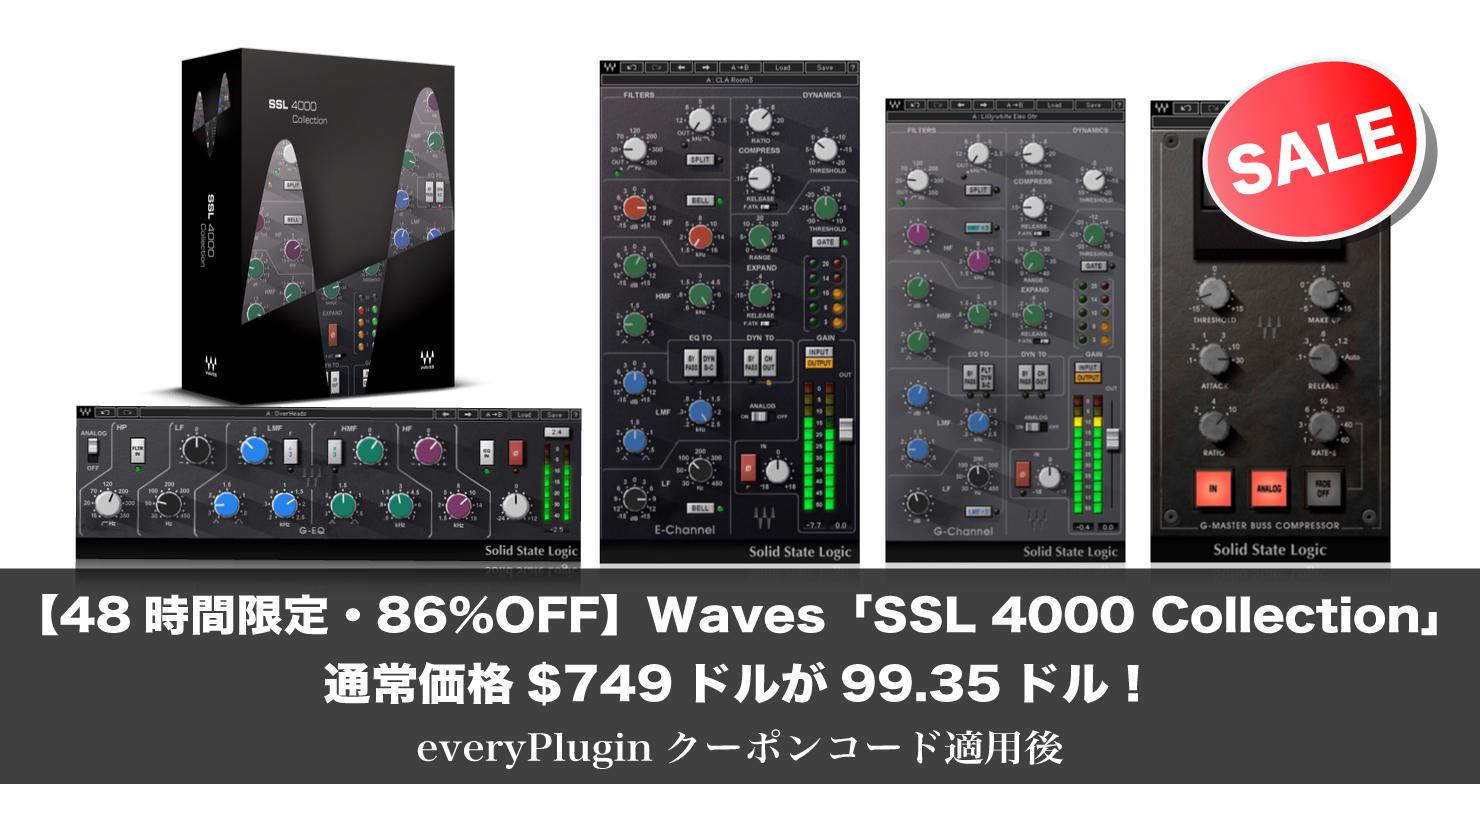 【48時間限定・86%OFF】Waves「SSL 4000 Collection」通常価格$749ドルが99.35ドル(everyPluginクーポンコード適用後)